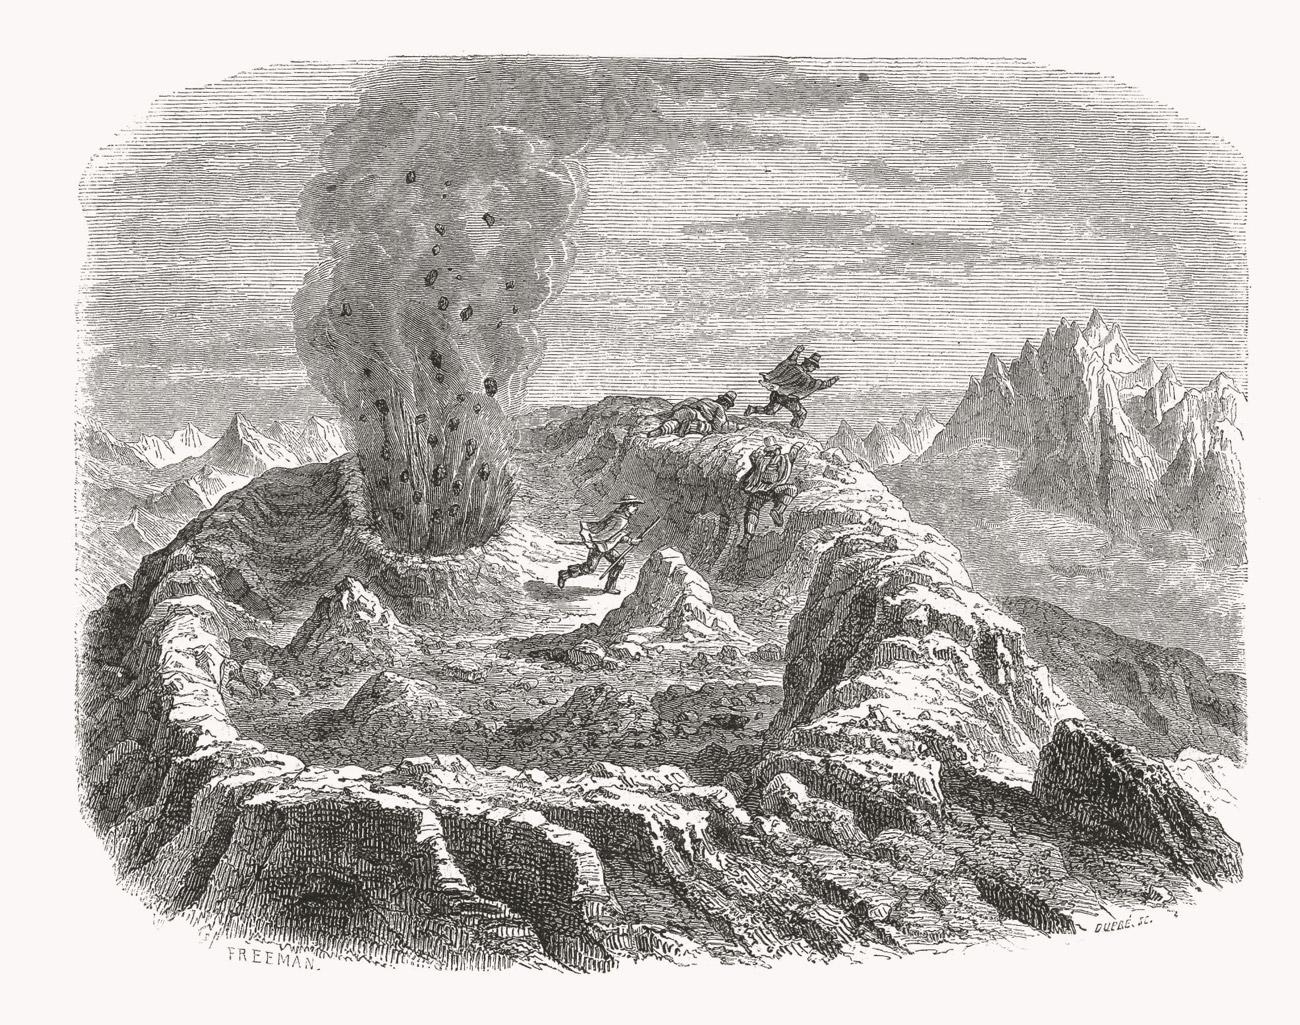 Claudio Gay, Salto El Laja, Volcán Antuco from Atlas de la Historia Física y Política de Chile, 1854